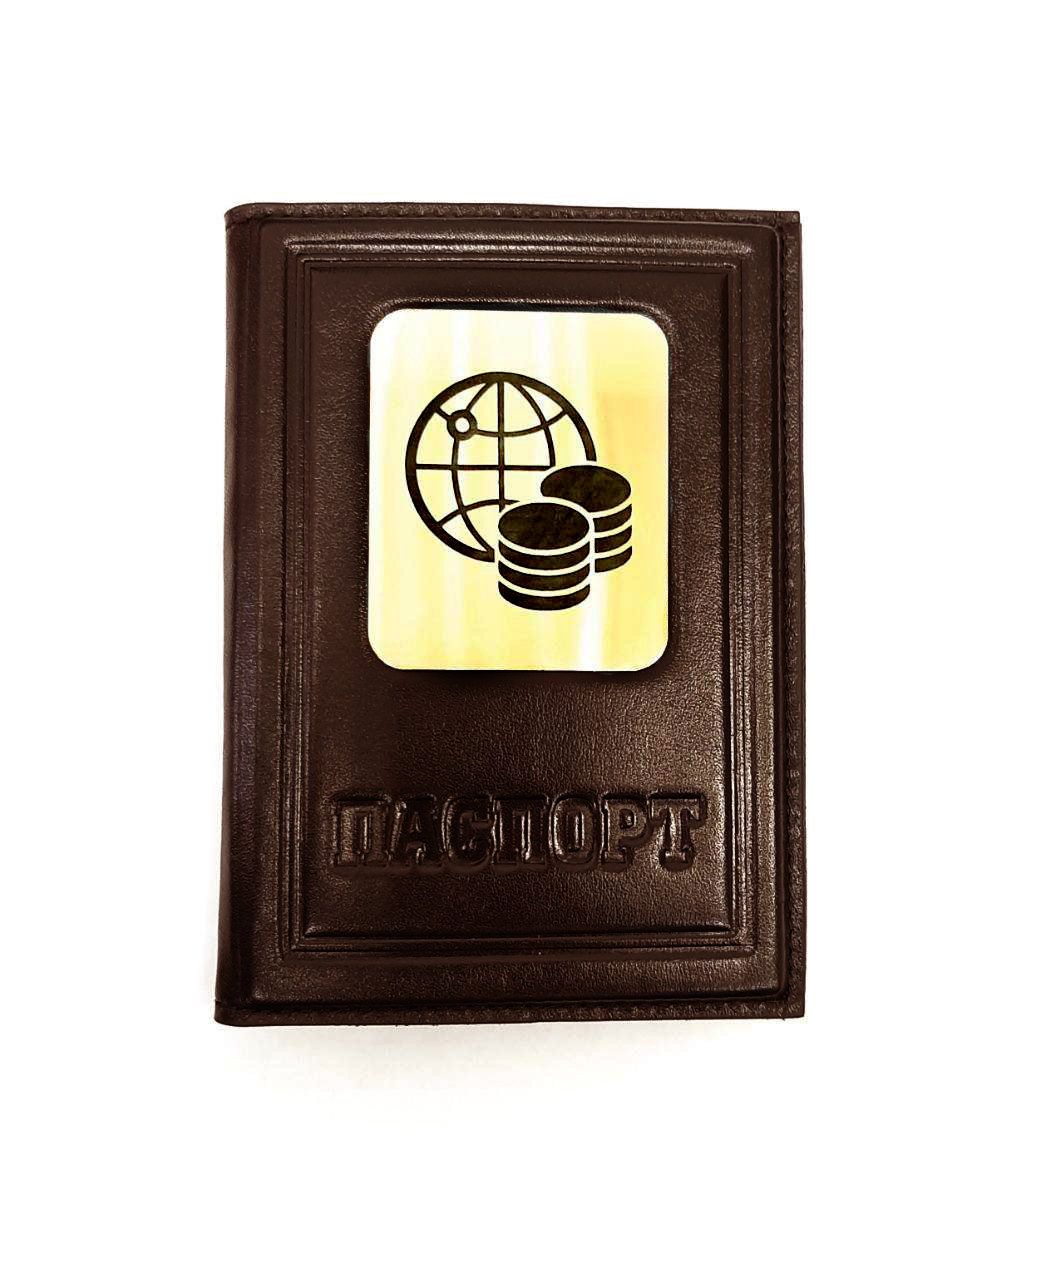 Обложка на паспорт | Финансисту| Коричневый